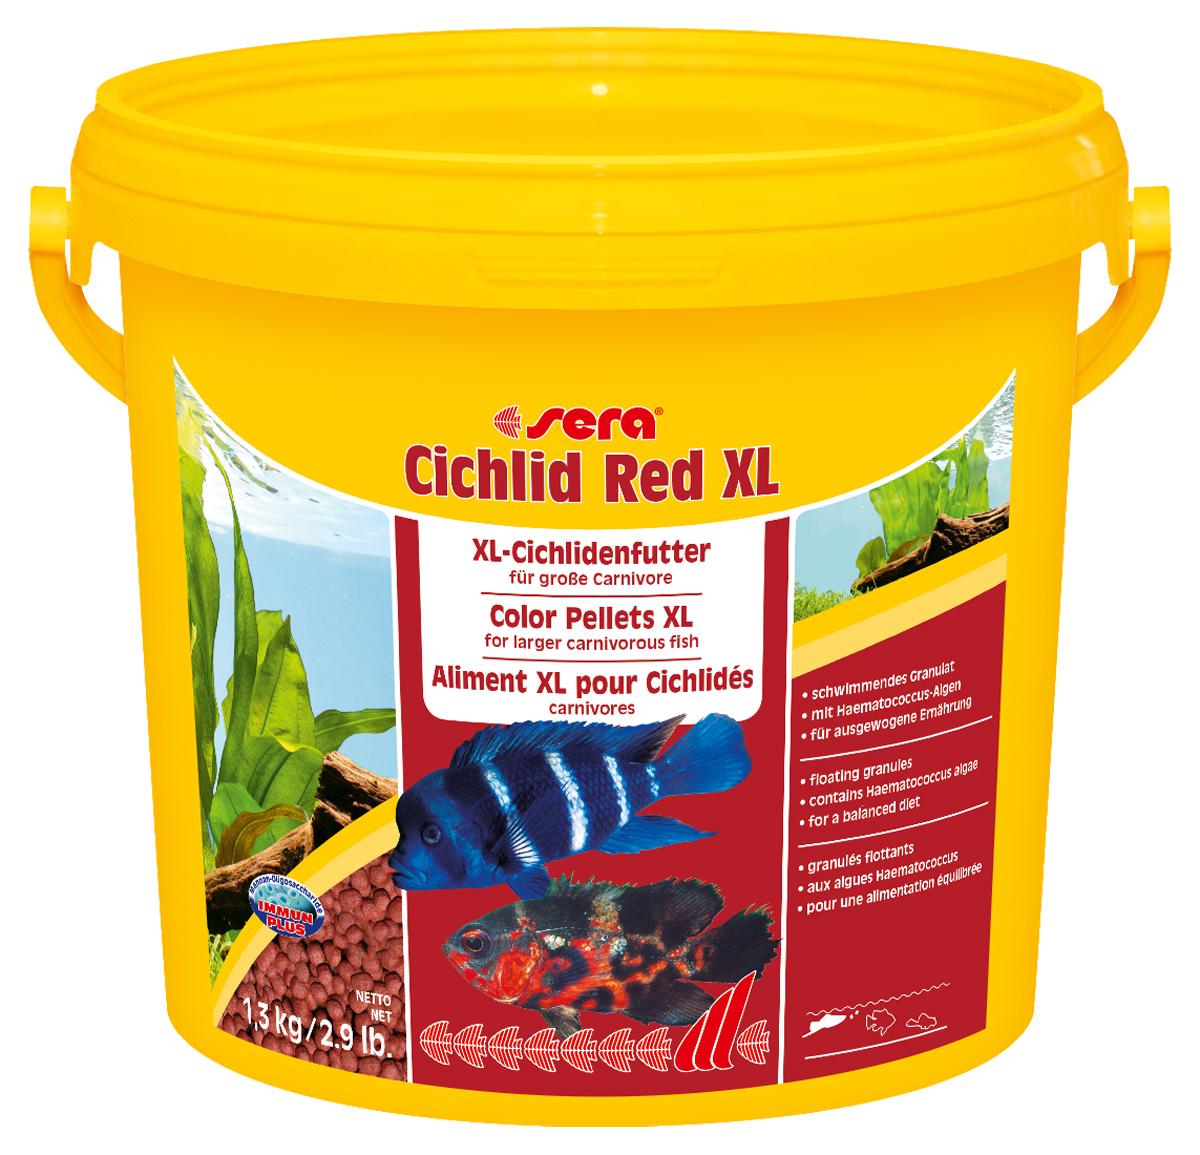 Корм для рыб Sera Cichlid Red XL, 1,3 кг0215Корм для рыб Sera Cichlid Red XL - основной корм для крупных плотоядных цихлид и других крупных всеядных рыб. Корм состоит из специально подготовленных гранул. Высокое содержание белков и омега-жирных кислот из водорослей Haematococcus помогает достичь оптимального и здорового развития и цвета, гранулы имеют особый вкус и отличную поедаемость. Плавающие гранулы обладают высокой стабильностью в воде и не загрязняют воду. Инструкция по применению: Кормить один-два раза в день, но только в том количестве, которое рыбы могут съесть в течение короткого периода времени. Ингредиенты: рыбная мука (40%), кукурузный крахмал, пшеничная мука, пшеничная клейковина, пшеничные зародыши, пивные дрожжи, спирулина, рыбий жир (49% Омега жирных кислот), водоросль гематококкус (0,5%), криль, маннанолиго-сахариды (0,4%), травы, люцерна, крапива, петрушка, зеленые мидии, морские водоросли, паприка, шпинат, морковь, чеснок. Аналитический состав: протеин 40,0%, жиры 7,5%,...